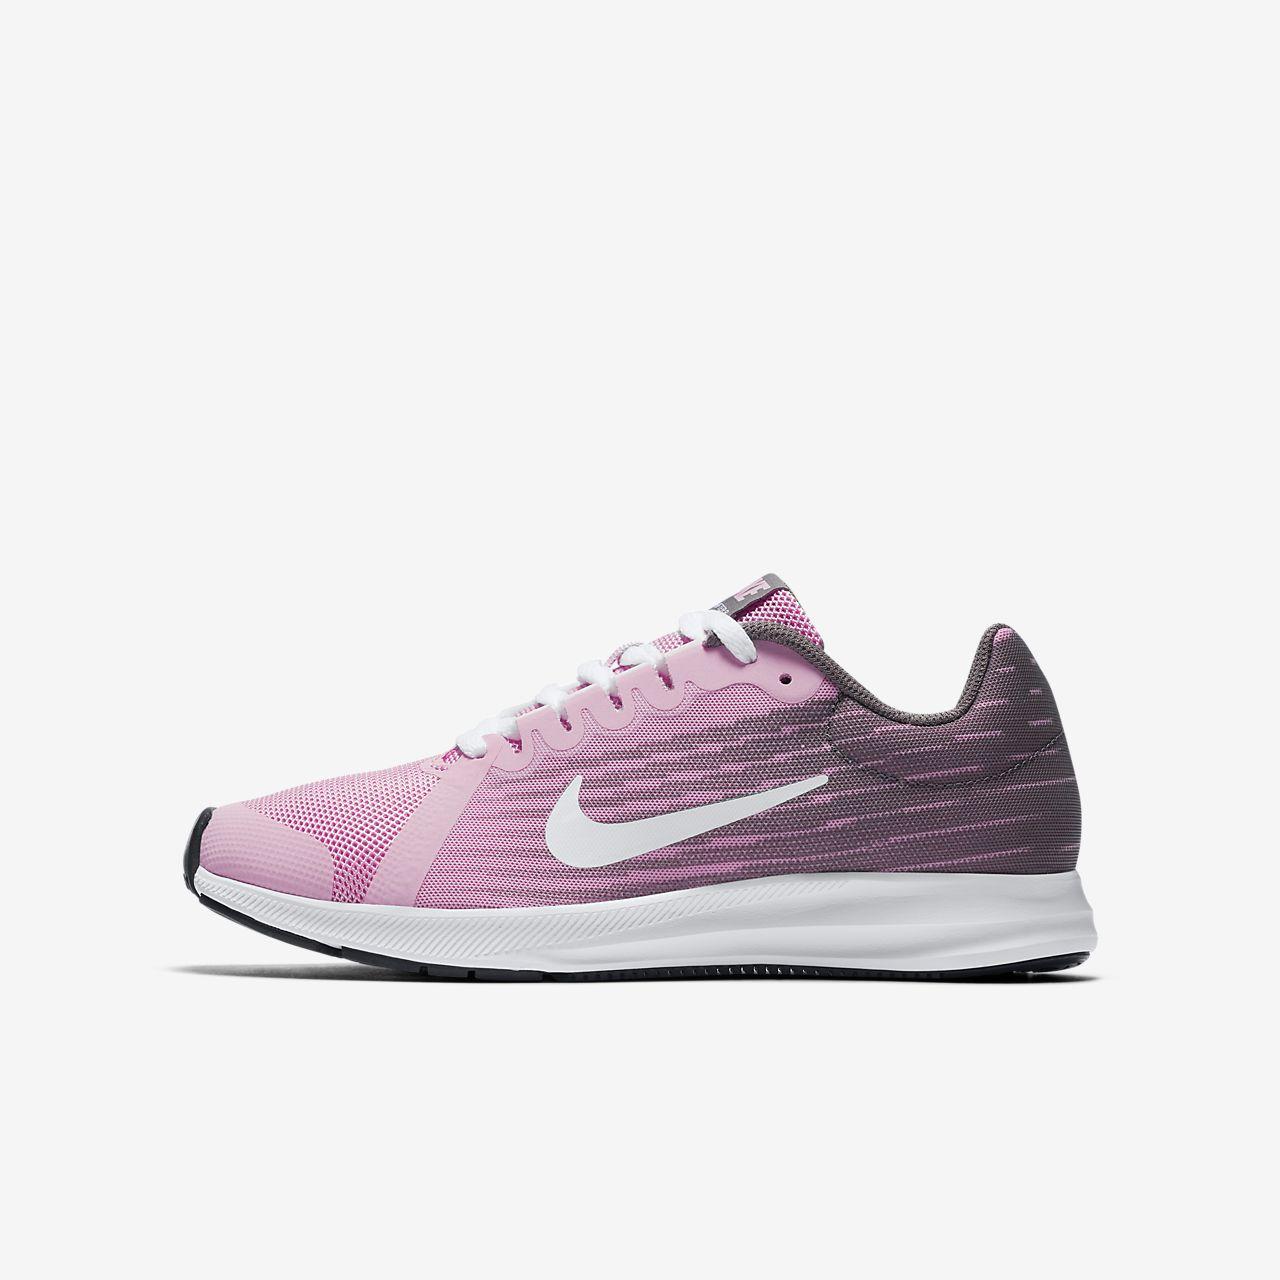 san francisco d6d16 94a5c Chaussure de running Nike Downshifter 8 pour Enfant plus âgé